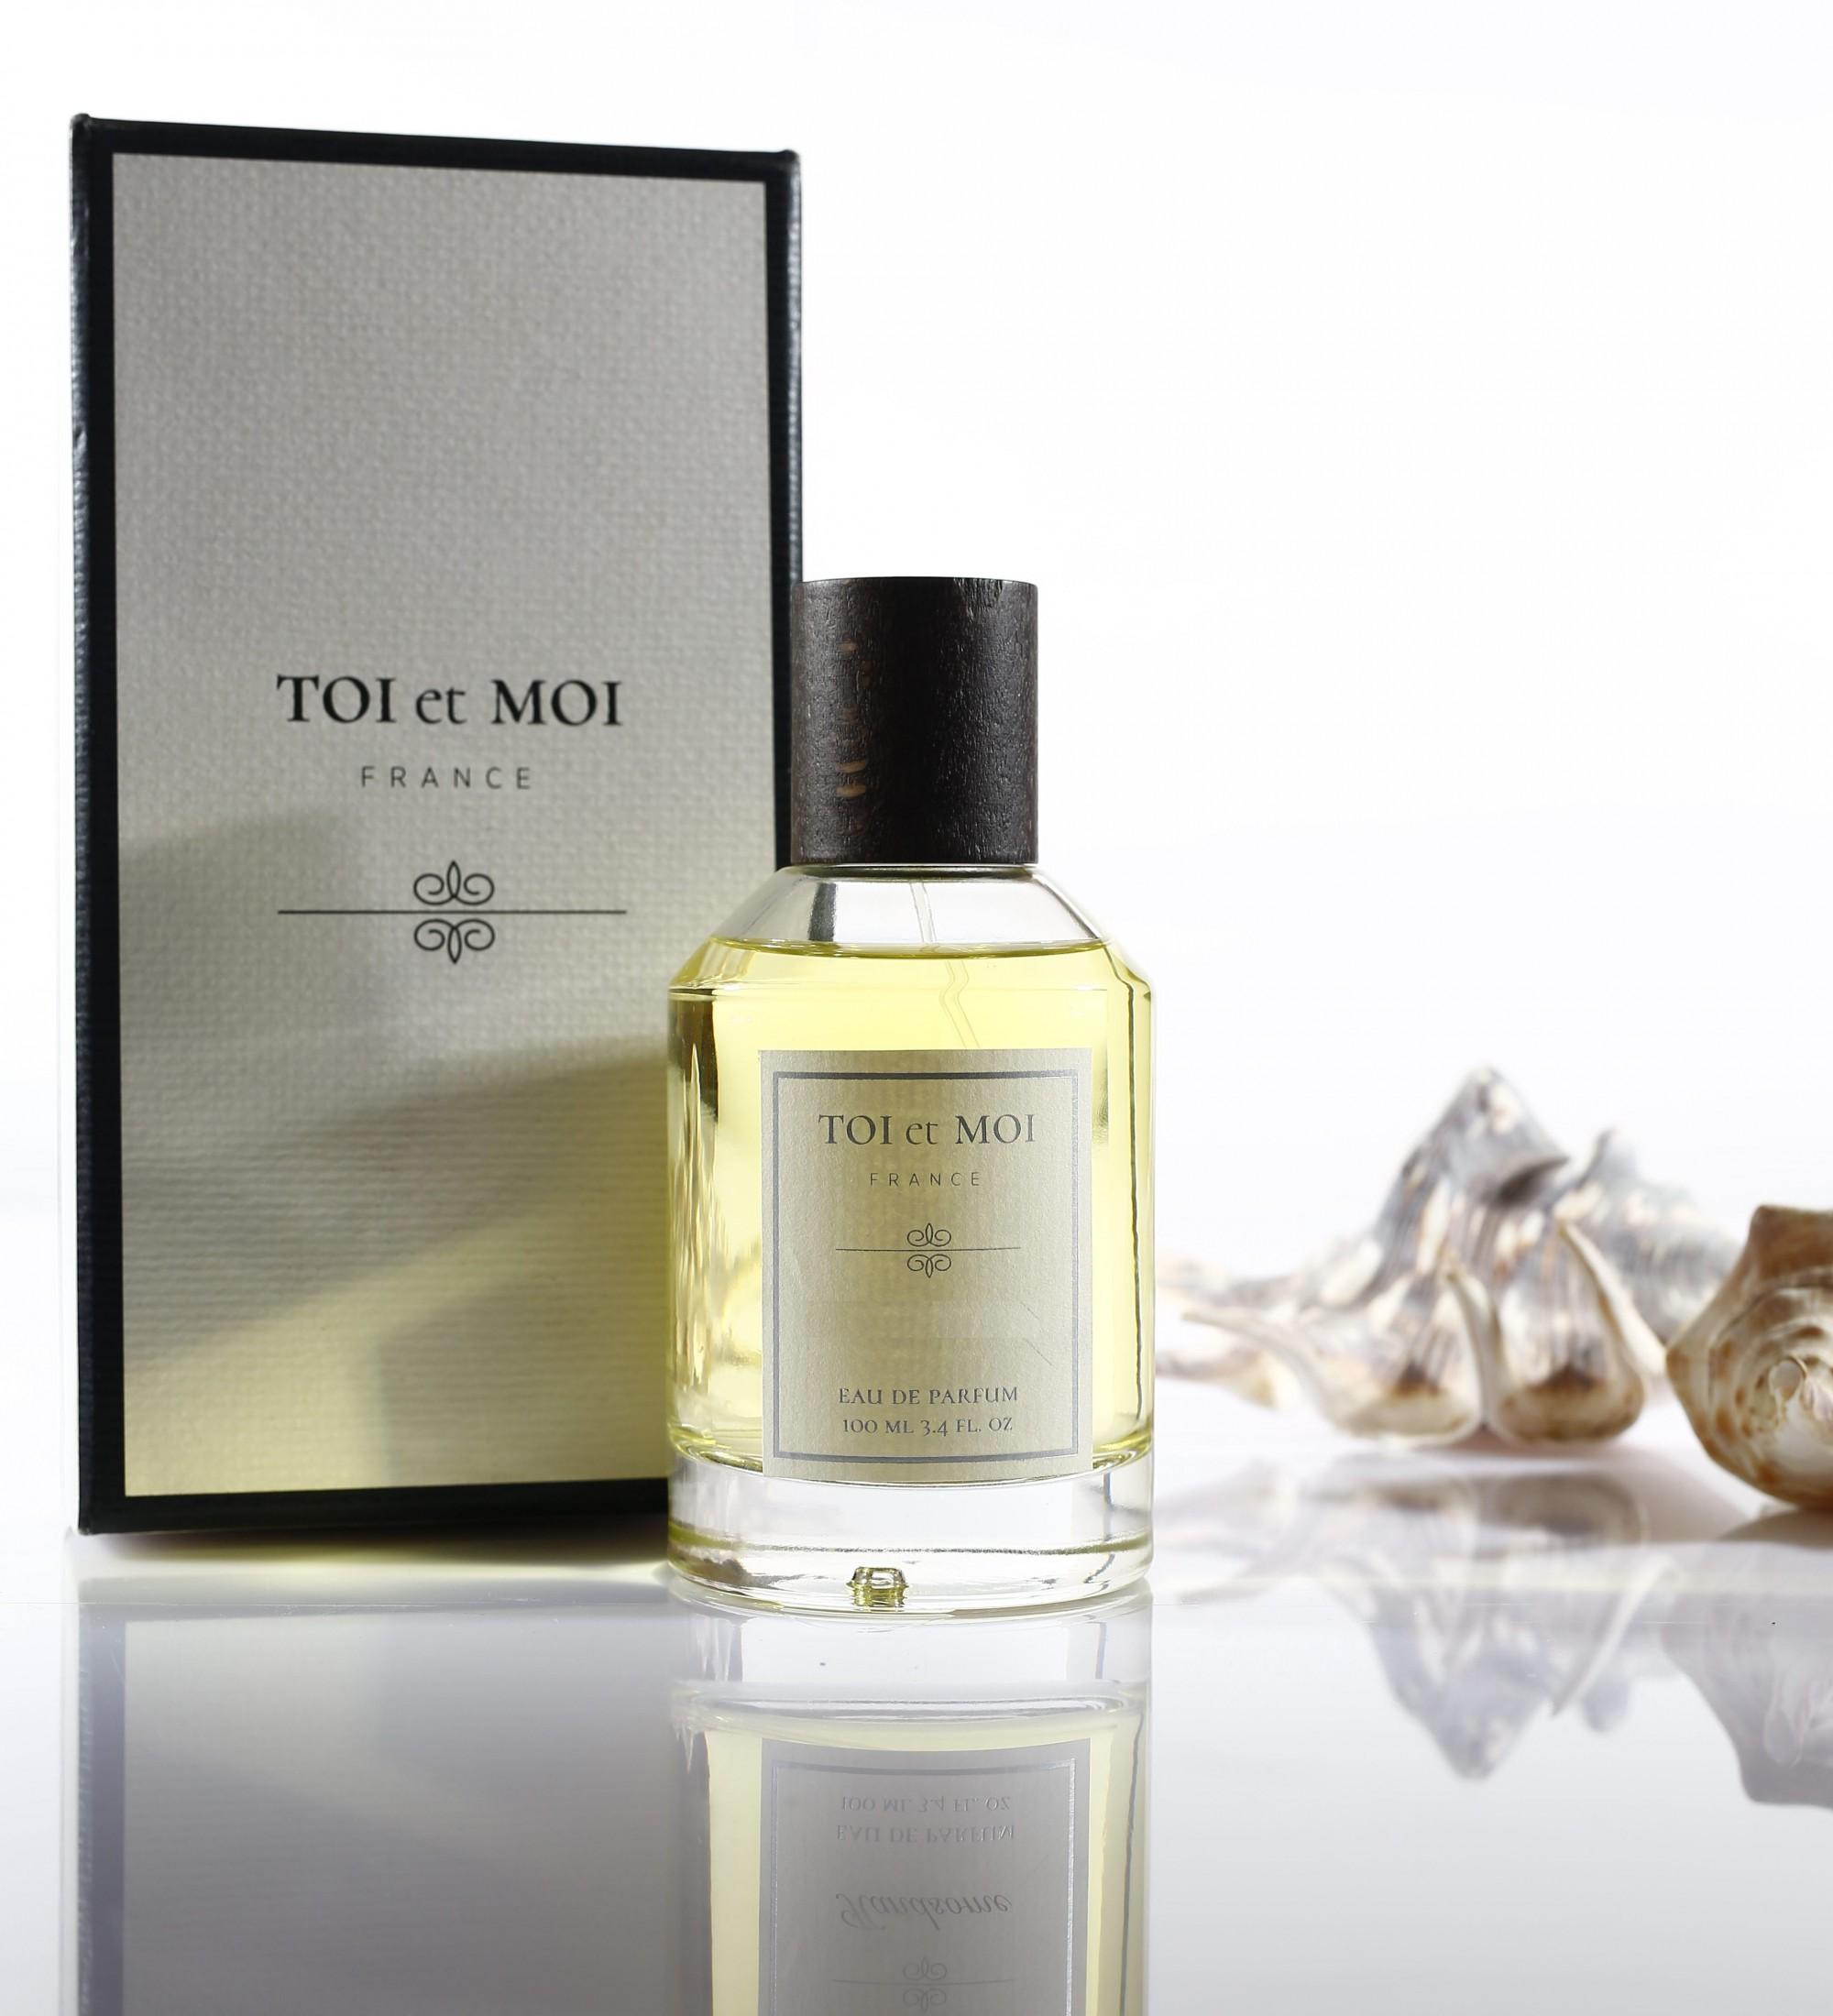 TOI Et MOI  Eau De Parfume By Toietmoi Women Parfum For Women 100 ML 3.4 FL. OZ